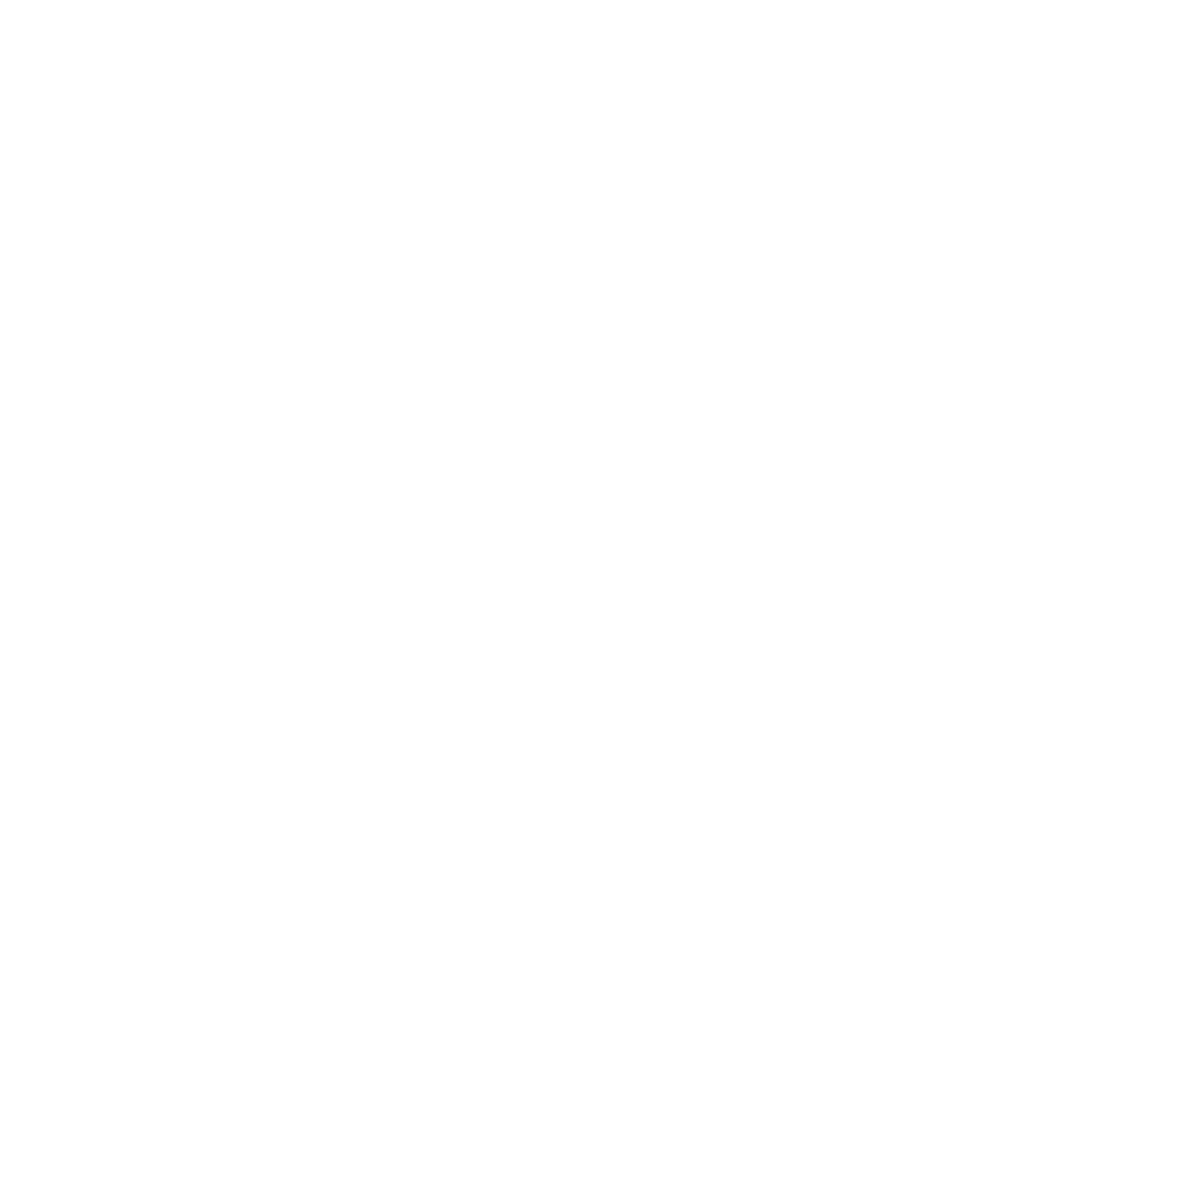 Future BRH - Future Biomanufacturing Research Hub - Partners